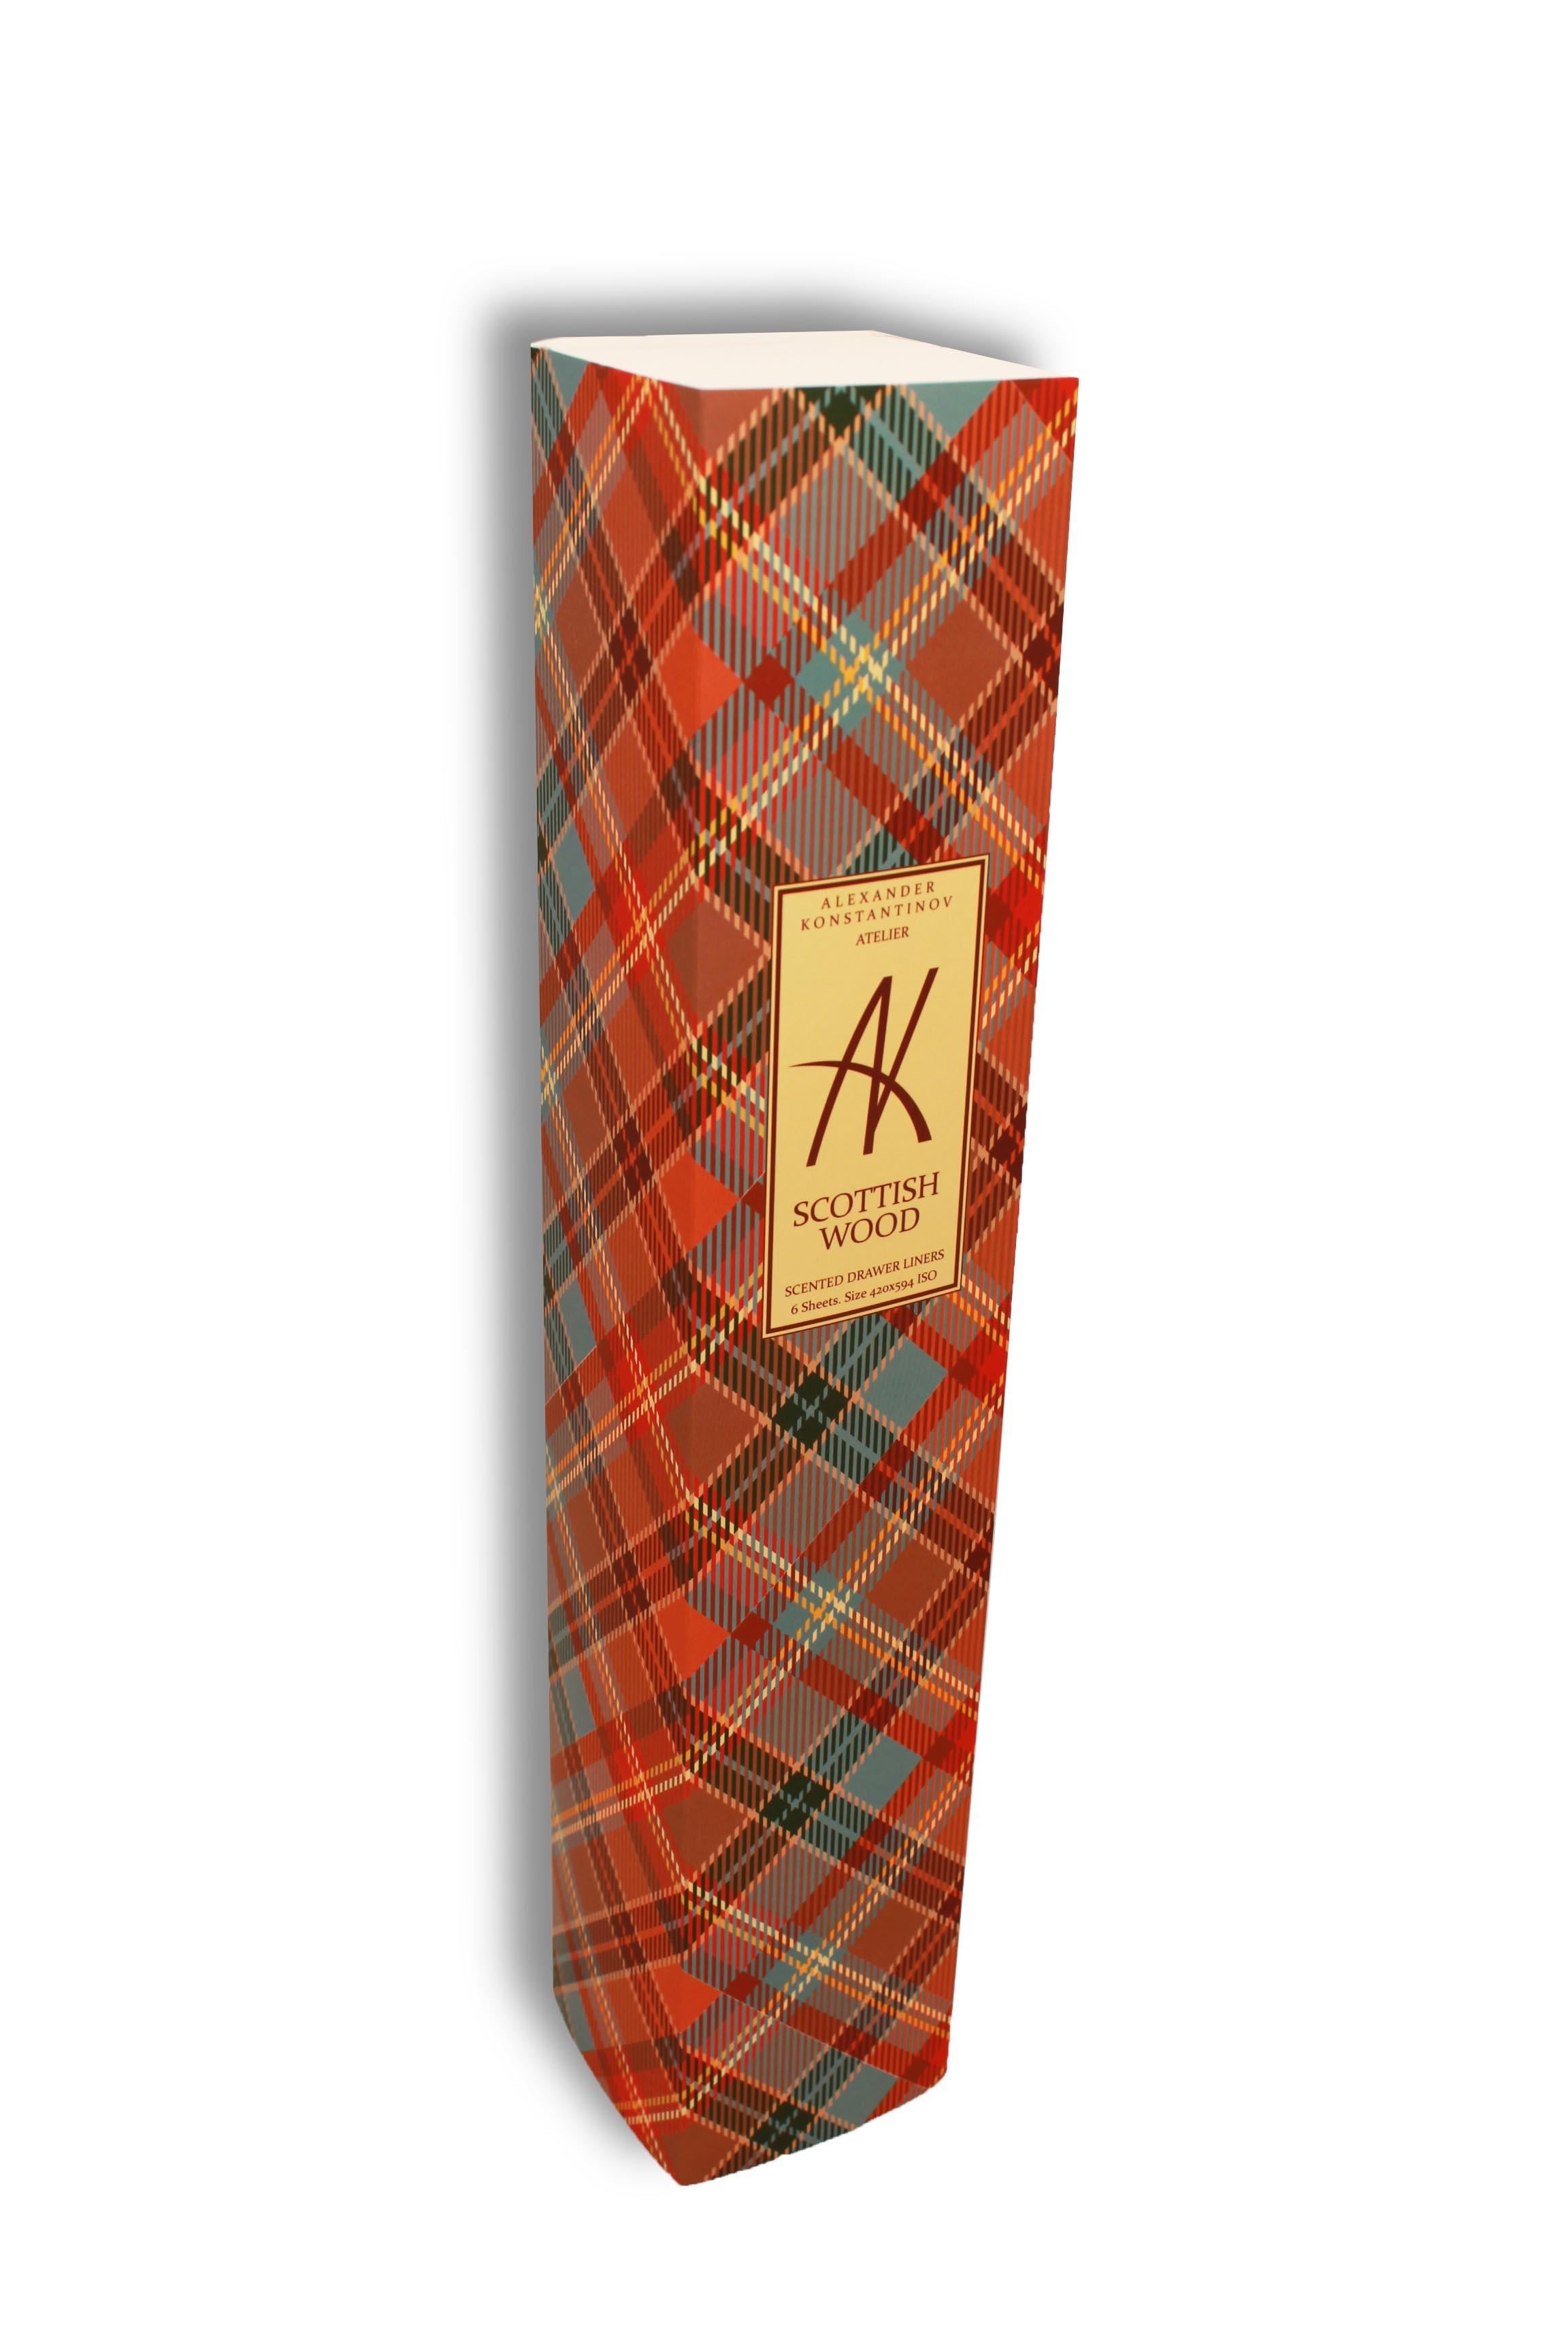 AK ATELIER Аромобумага для комодов (Шотландский лес) / Scottish woodБумага<br>1. АК Ателье расположено в самом сердце Москвы на Рождественском бульваре. 2. Аромосостав для бумаги готовится исключительно из качественных, гипоаллергенных ингредиентов. 3. Бумага обработана аромосоставом вручную, по специальной технологии. 4. Аромобумага обладает легким ненавязчивым ароматом, за счет гигроскопичности регулирует влажность, что создаёт особый микроклимат в Комоде (бельевом шкафу). 5. Бумага запаяна в полиэтиленовый рукав по 6 принтов форматом А2, в комплекте проволочный замок для сохранения аромата в оставшихся листах, не уложенных в ящик. Scottish wood. Шотландский лес. Верхние ноты: пряные специи. Ноты сердца: лист табака, табак, бобы тонка, цветок табака. Базовые аккорды: сухофрукты, ваниль, какао. Способ применения: перед укладкой, лист можно обрезать или подвернуть под размер ящика. Необходимо дать бумаге  подышать  2-3 минуты.<br>